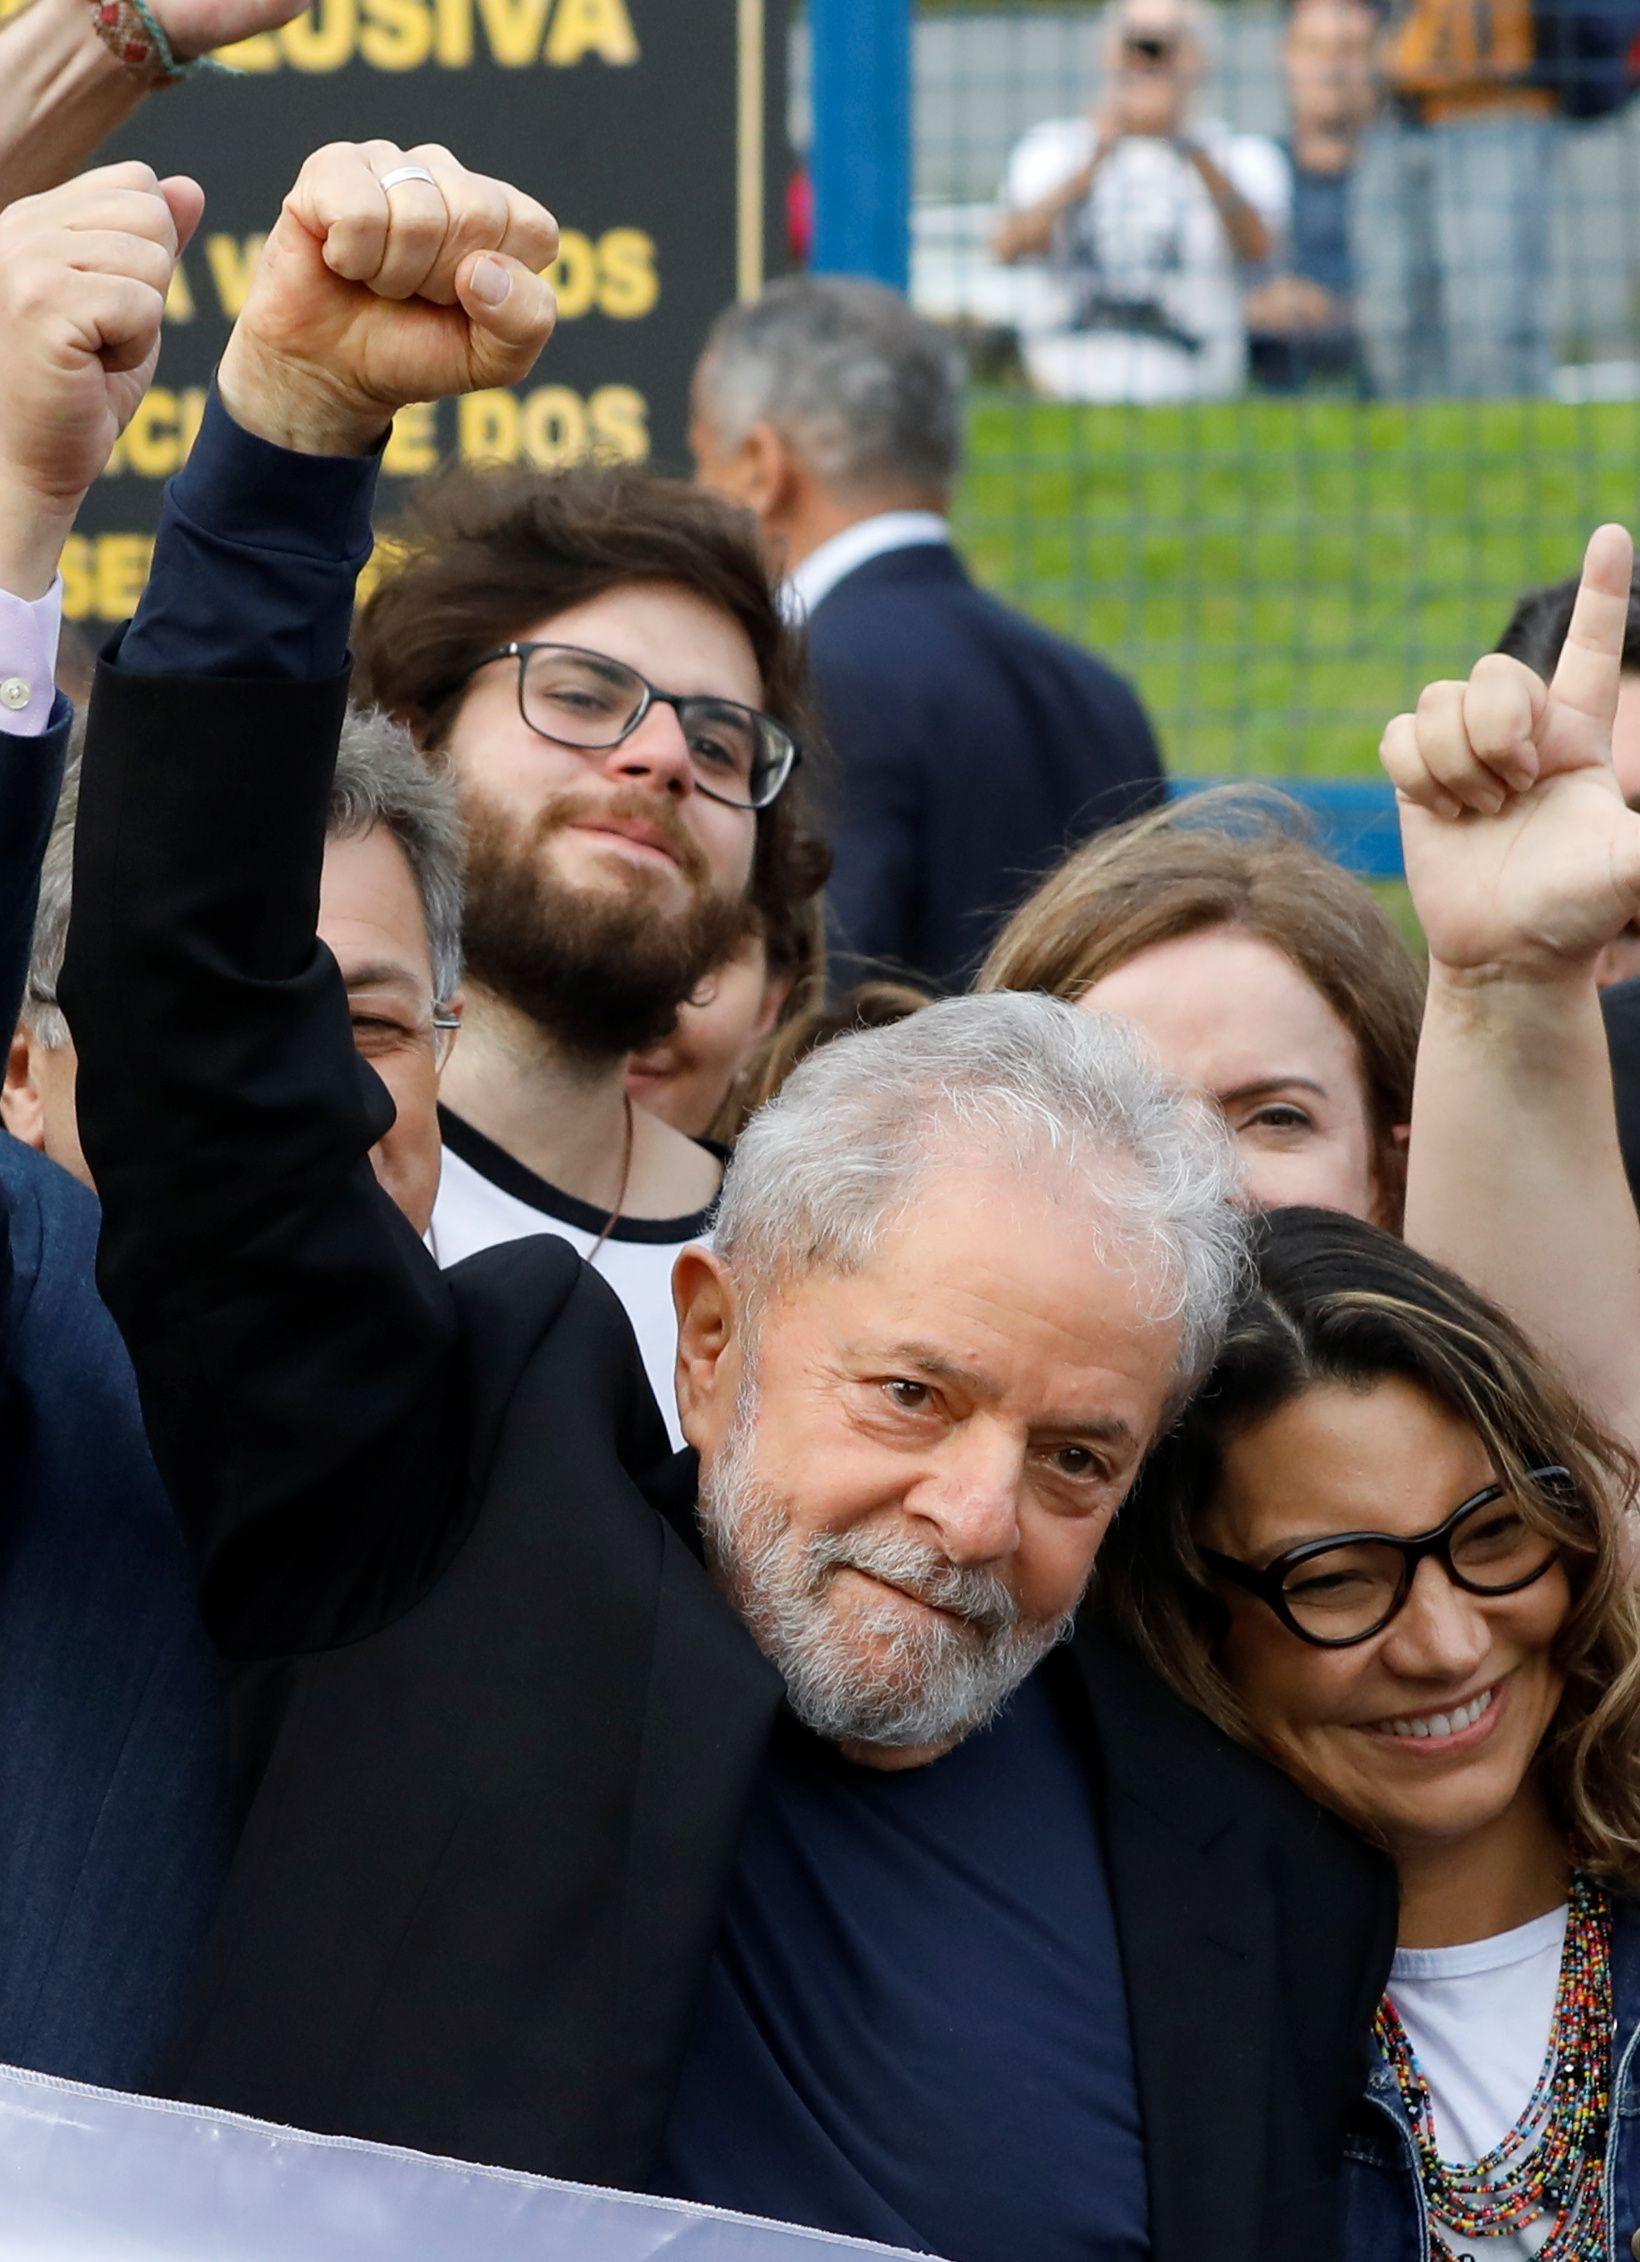 El ex presidente Lula Da Silva liberado de prisión en Curitiba (Reuters)